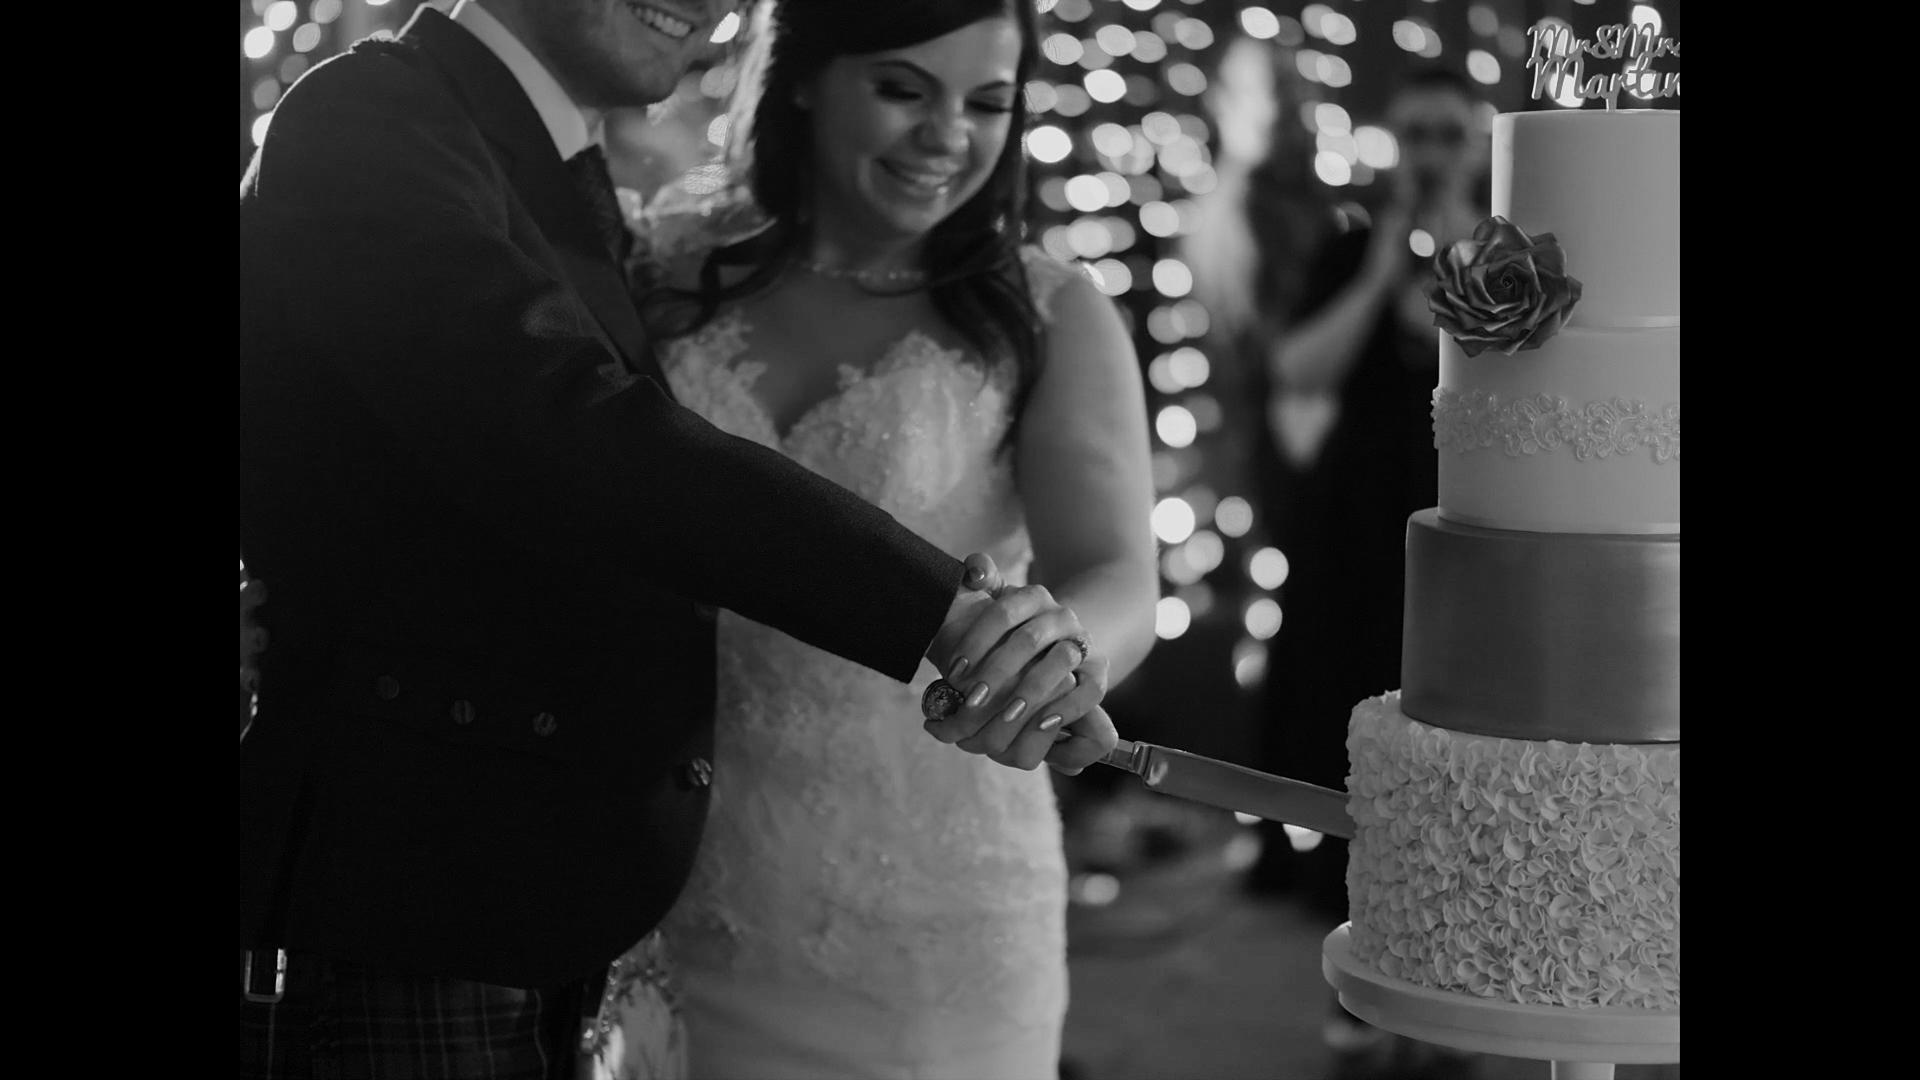 Meldrum_House_Wedding_KatieGreig (020).jpg